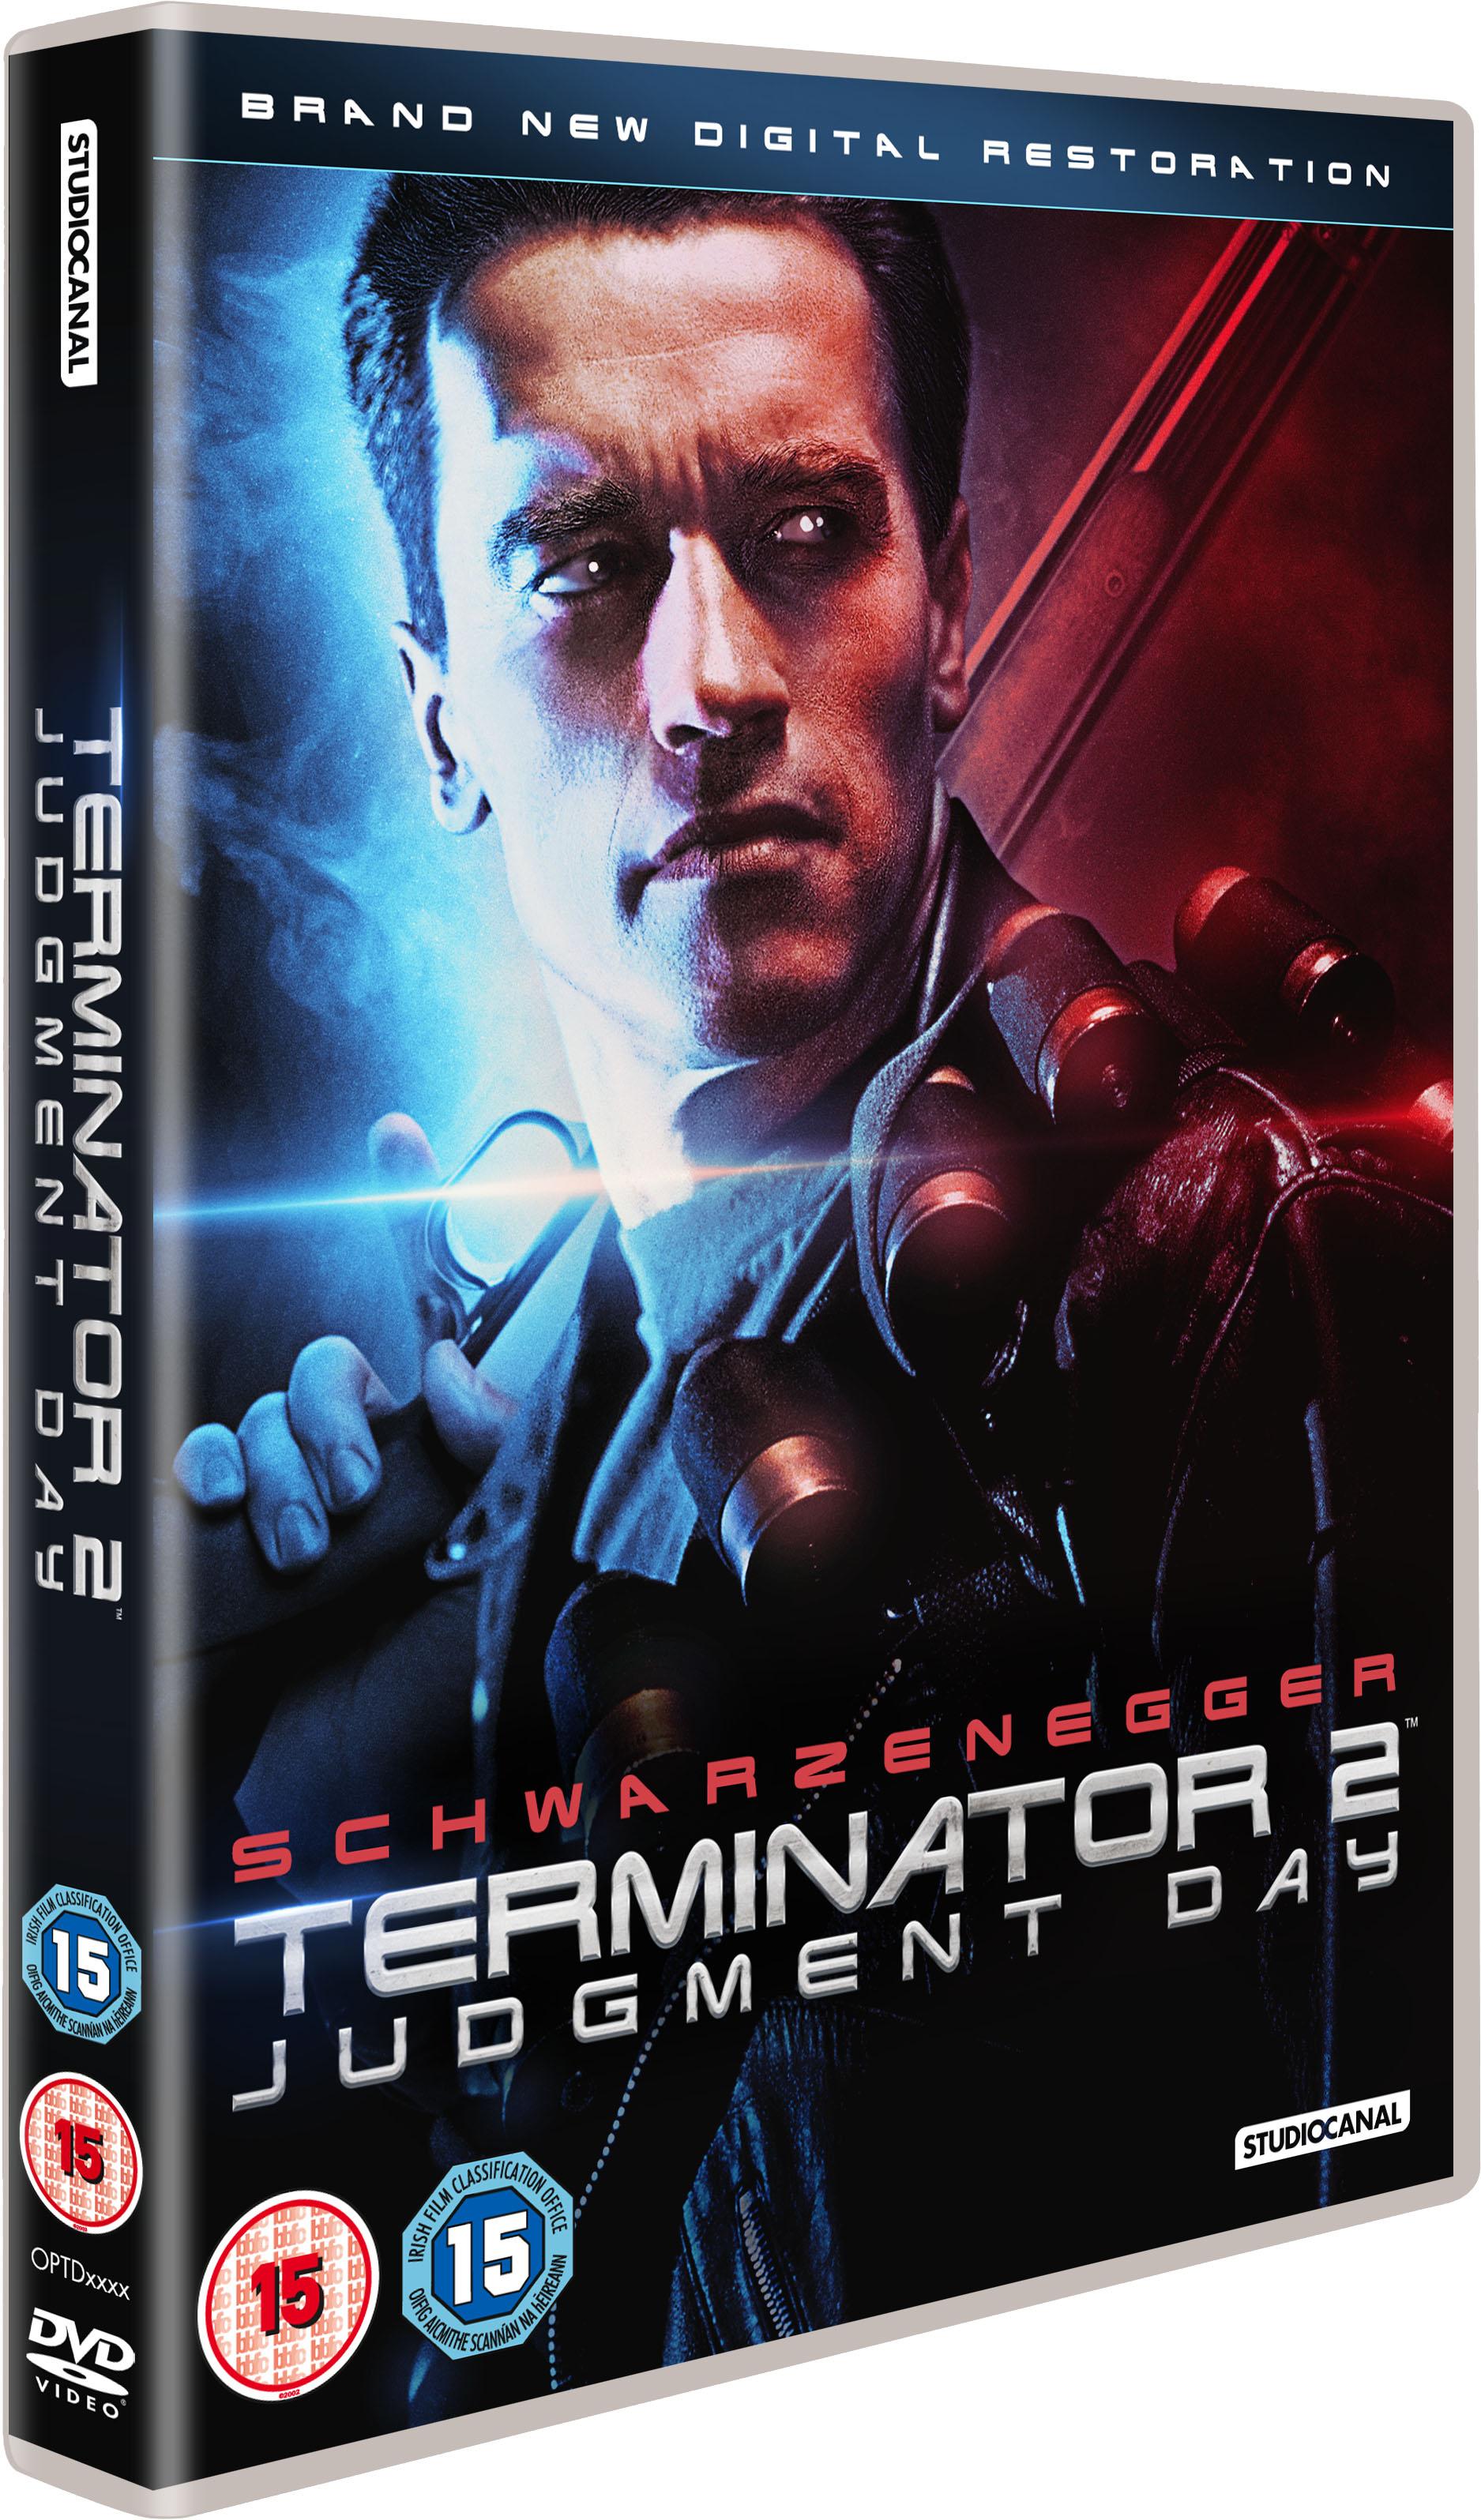 terminator 2 judgement day movie free download